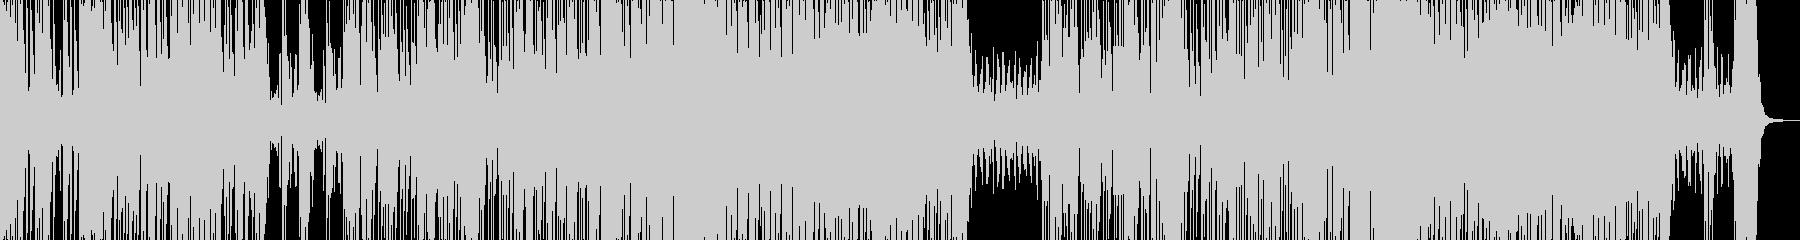 美メロを奏でる三味線 和風ハウスの未再生の波形